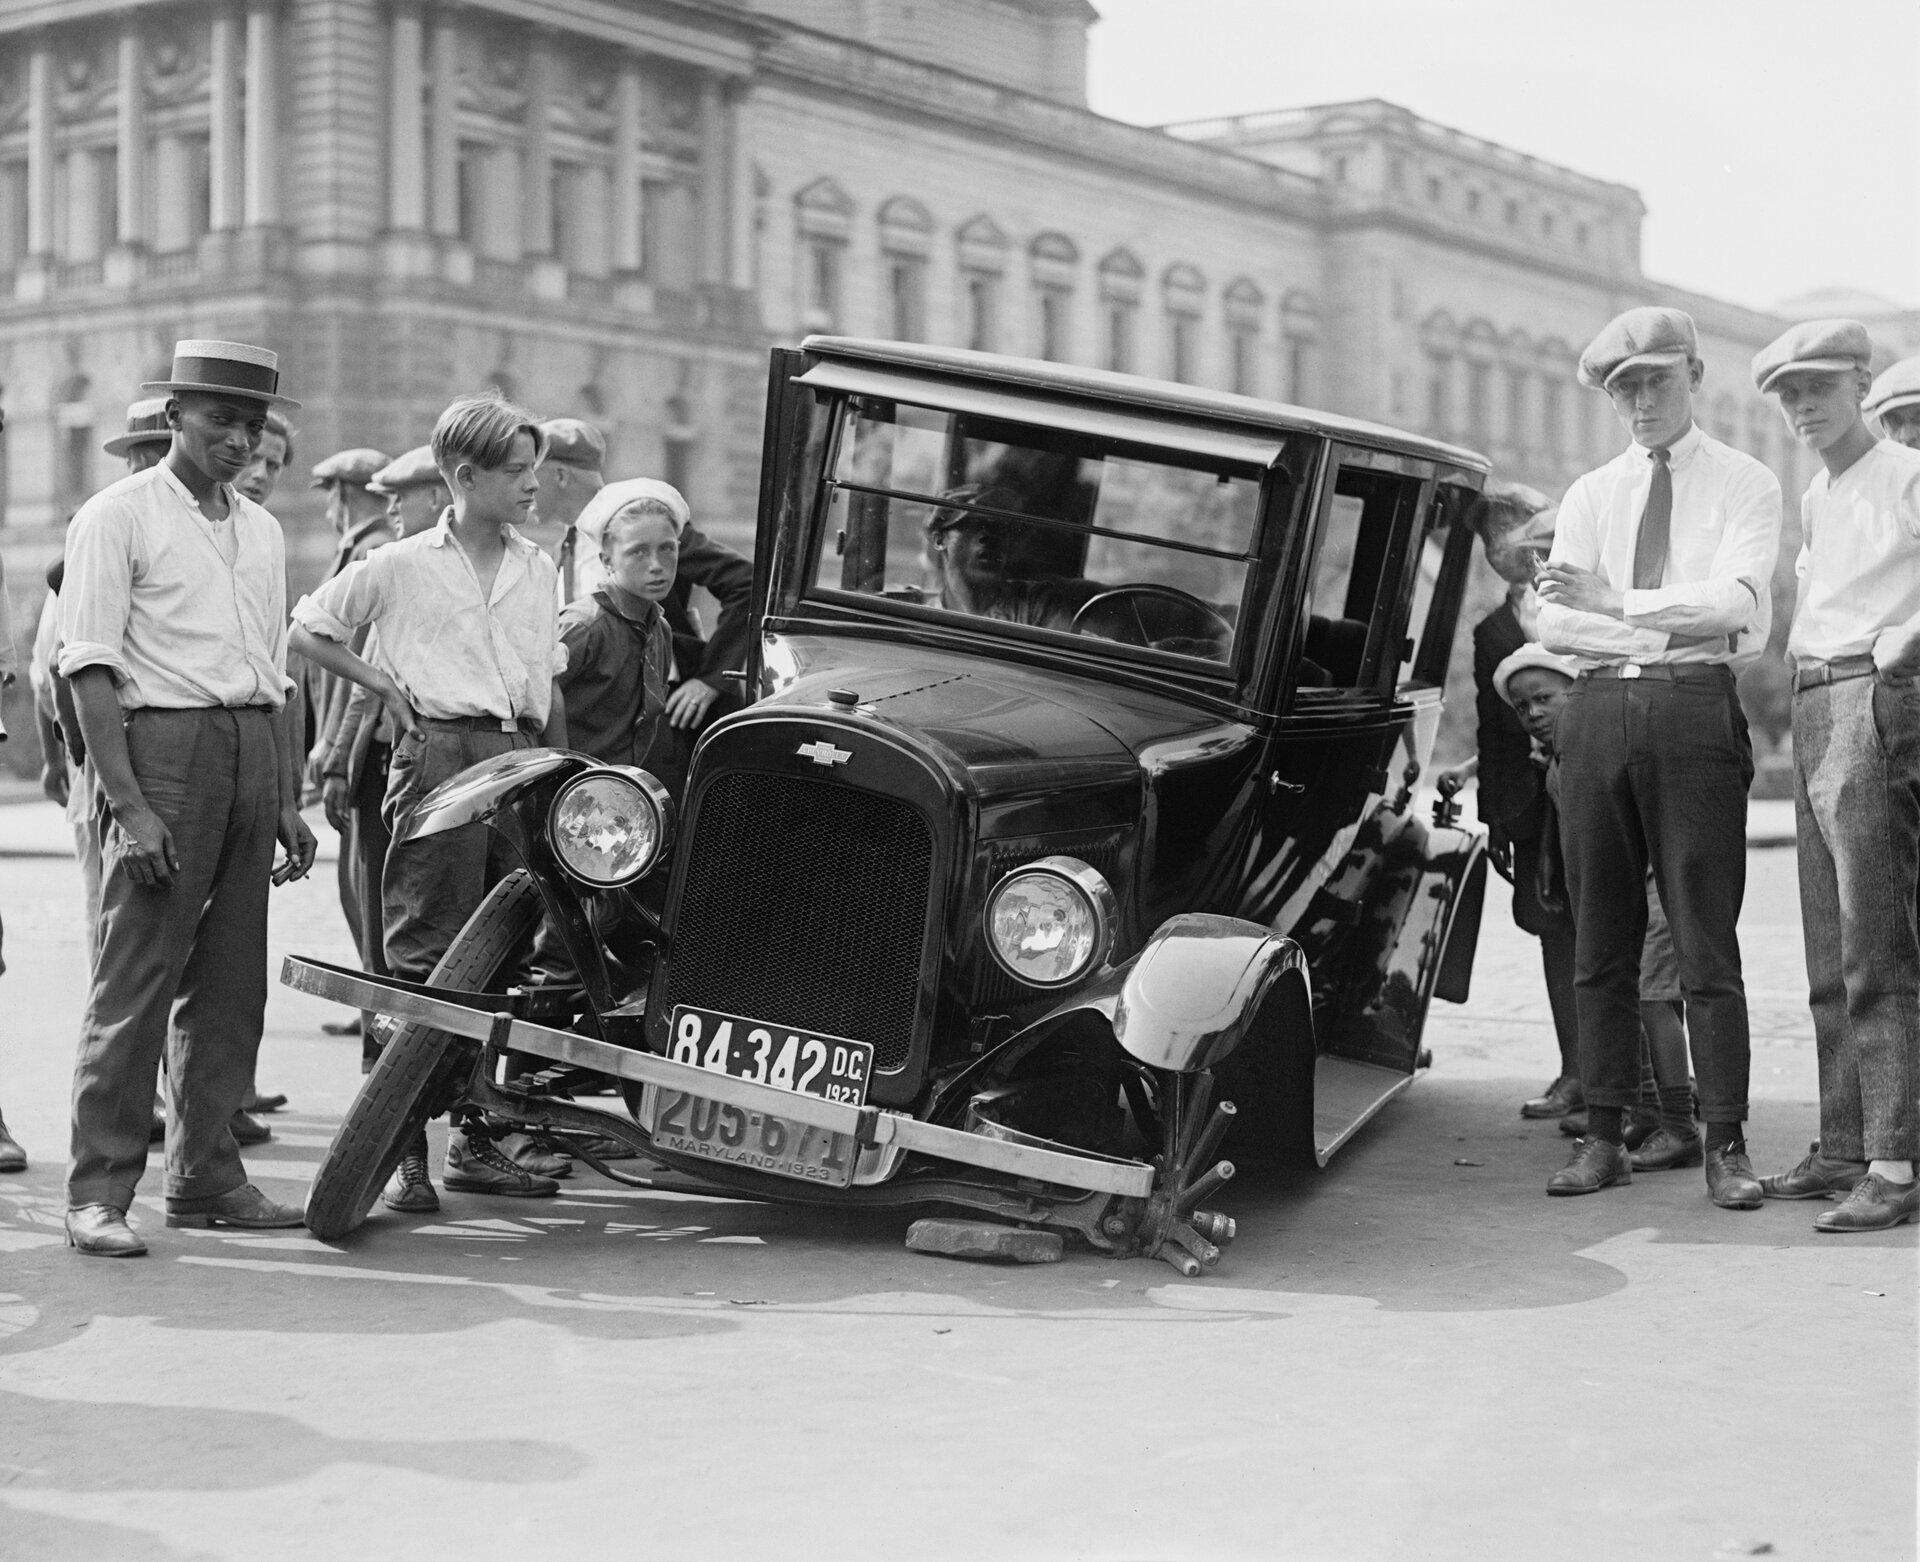 archiwalne zdjęcie, na nim samochód zuszkodzonym kołem; na samochodzie widać podwójne tablice rejestracyjne - dla Dystryktu Columbii istanu Maryland